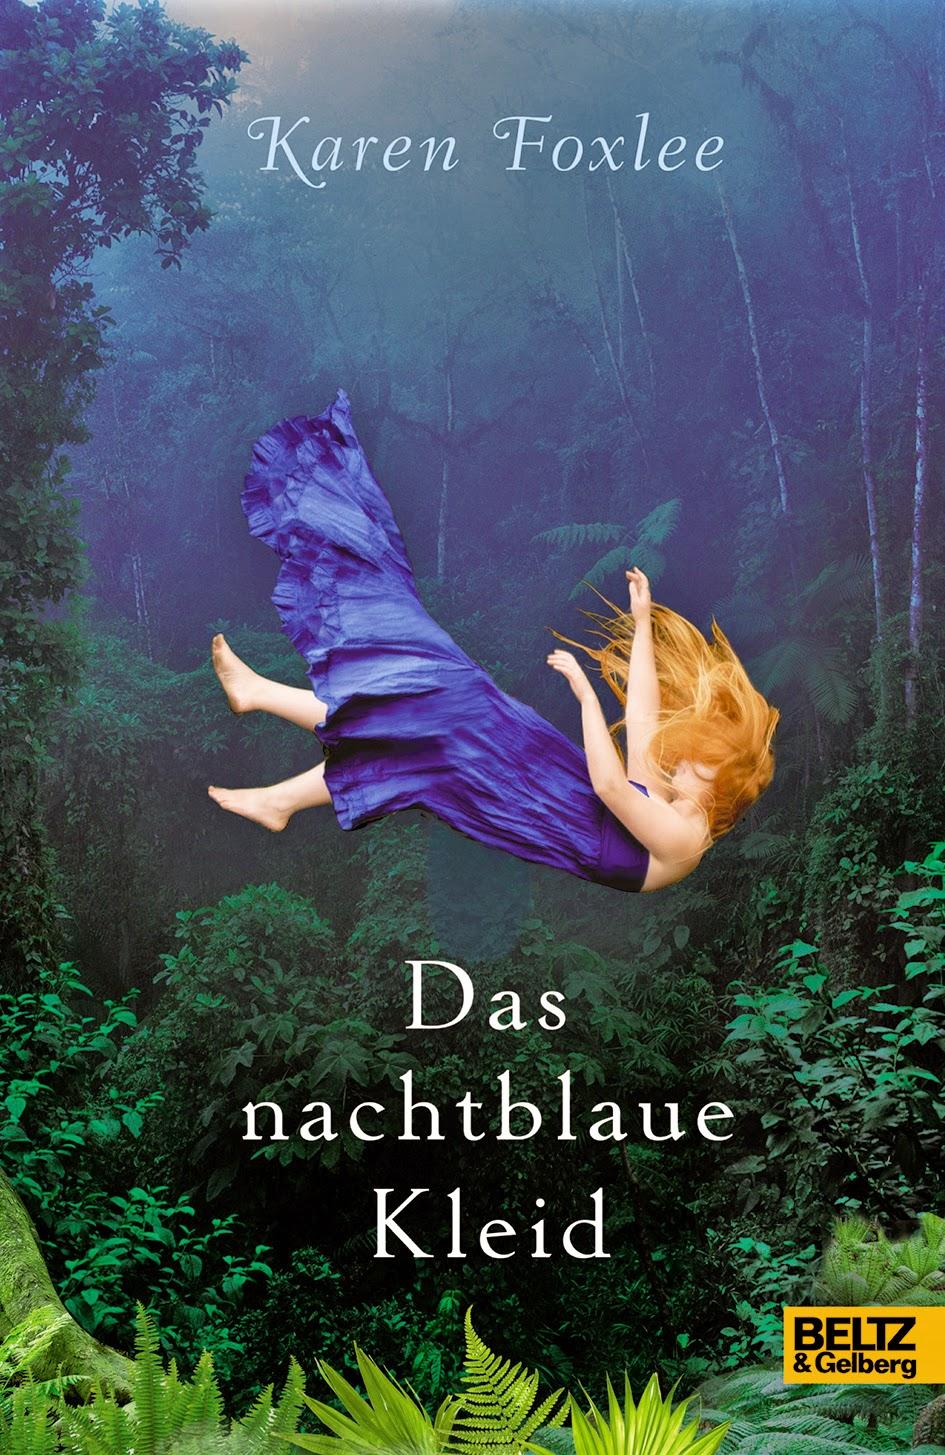 http://www.amazon.de/Das-nachtblaue-Kleid-Karen-Foxlee/dp/3407811810/ref=sr_1_2?s=books&ie=UTF8&qid=1405604808&sr=1-2&keywords=das+mitternachtskleid